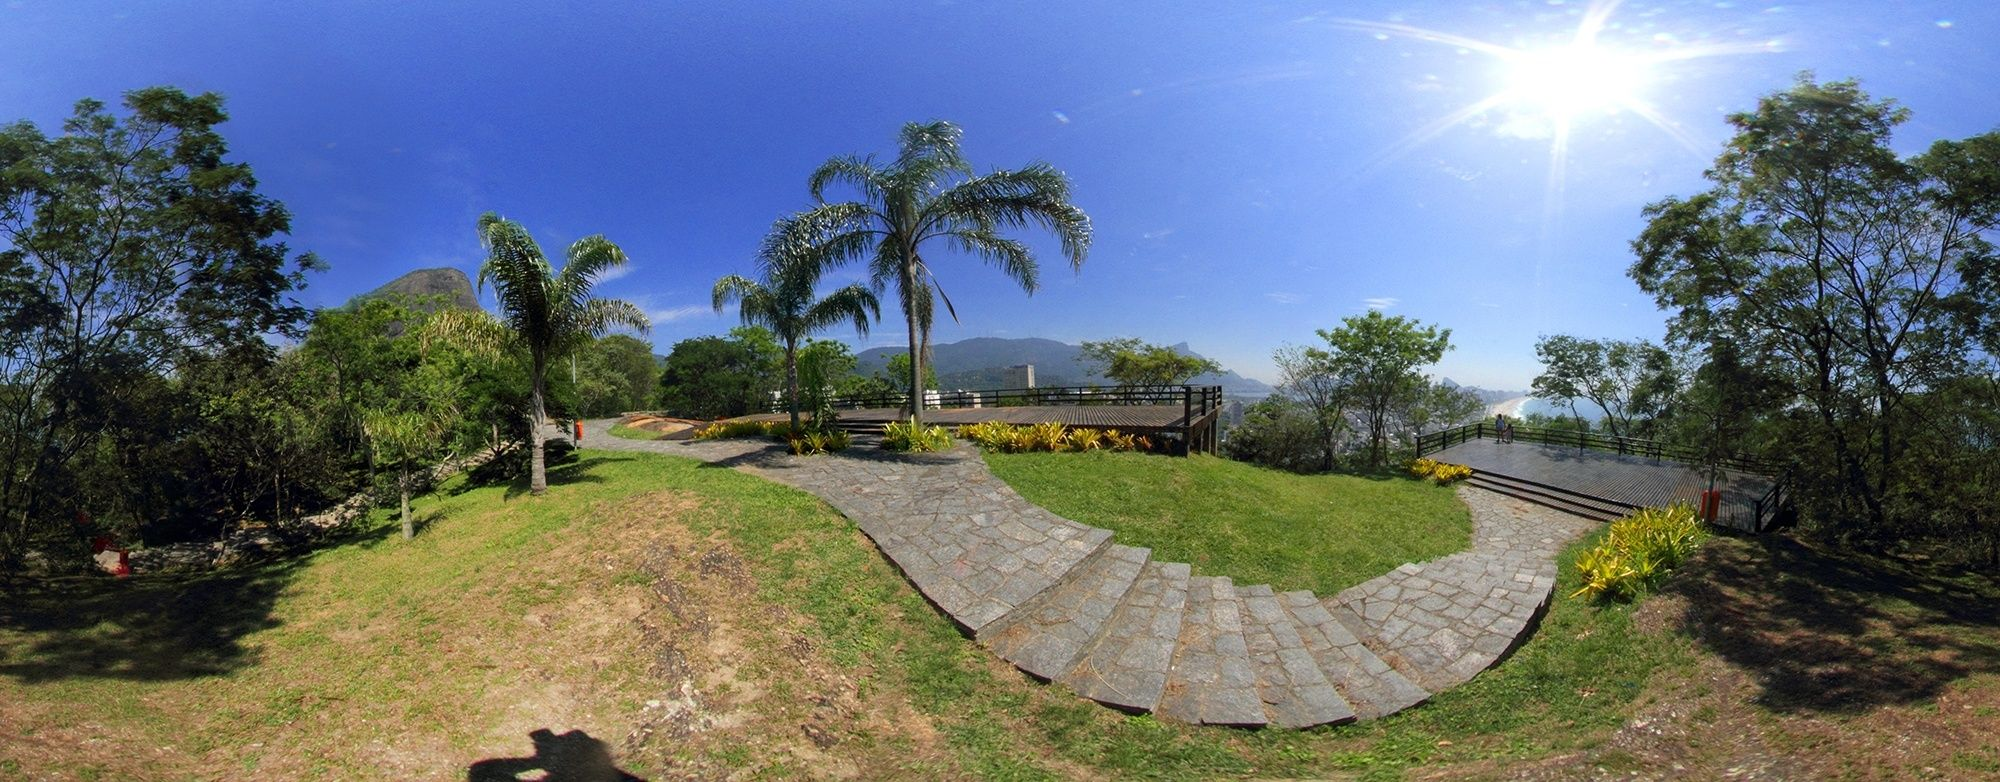 Empresas de Tour Virtual Três Rios - Fotografias Verticais